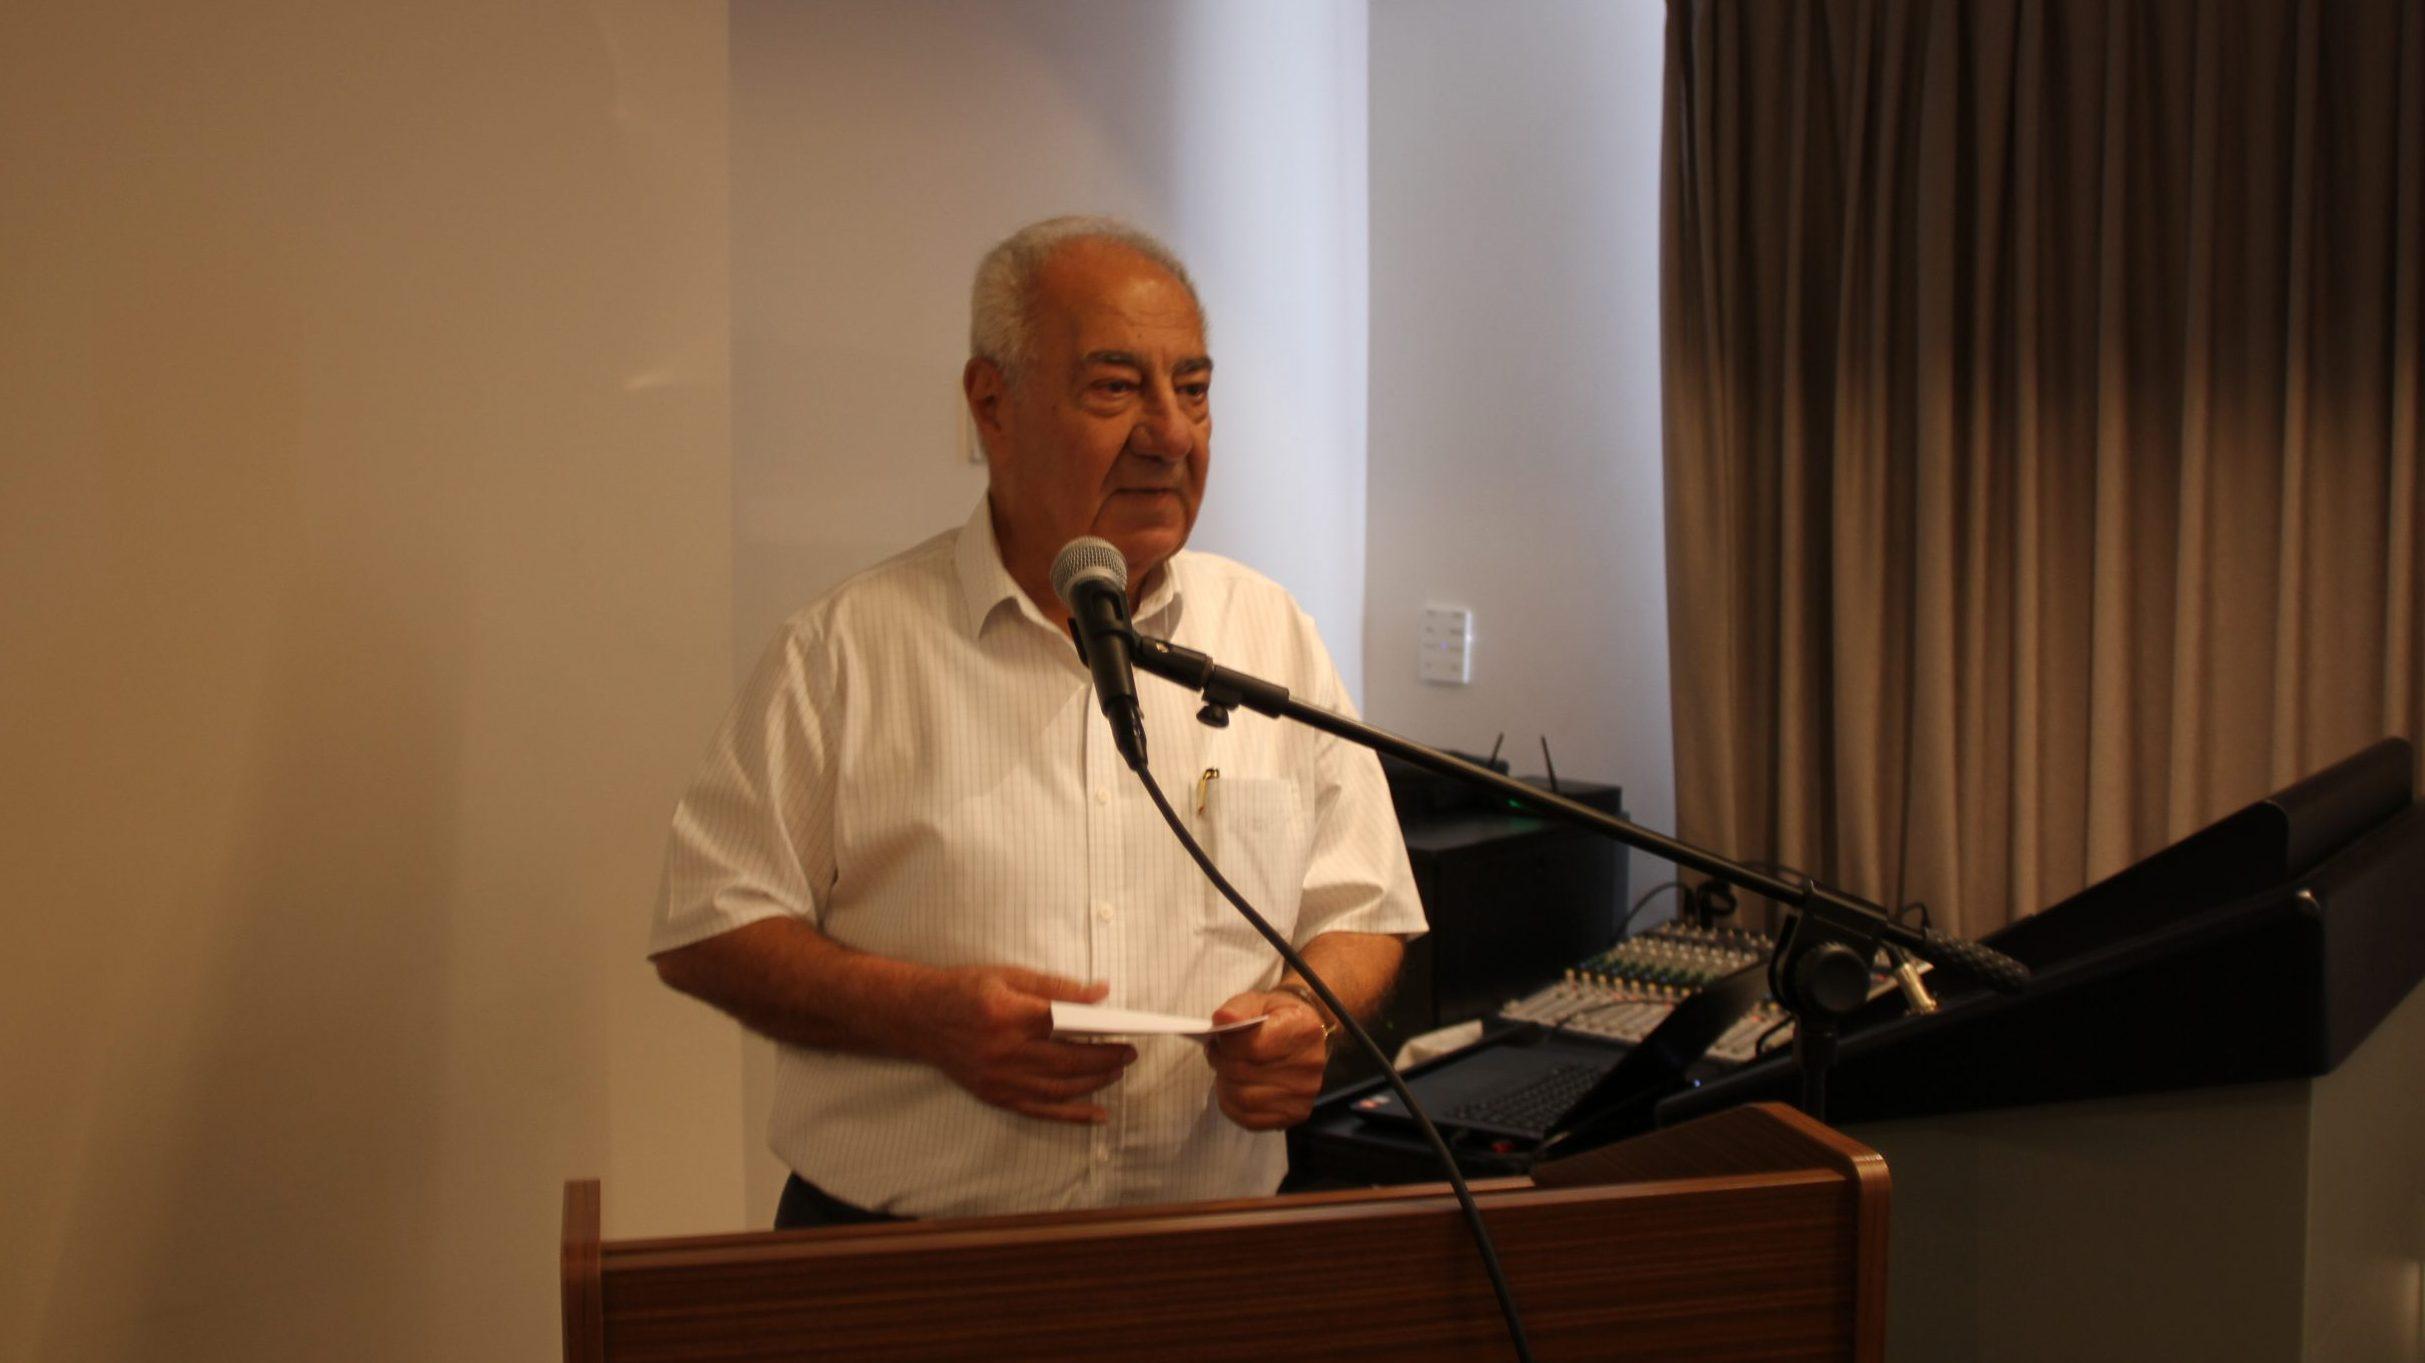 """לקראת ההכרעה בבג""""ץ: נציגות של סוכני ביטוח מהמגזר הערבי בראשות סוהיל משרקי נפגשה עם המפקח על הביטוח"""